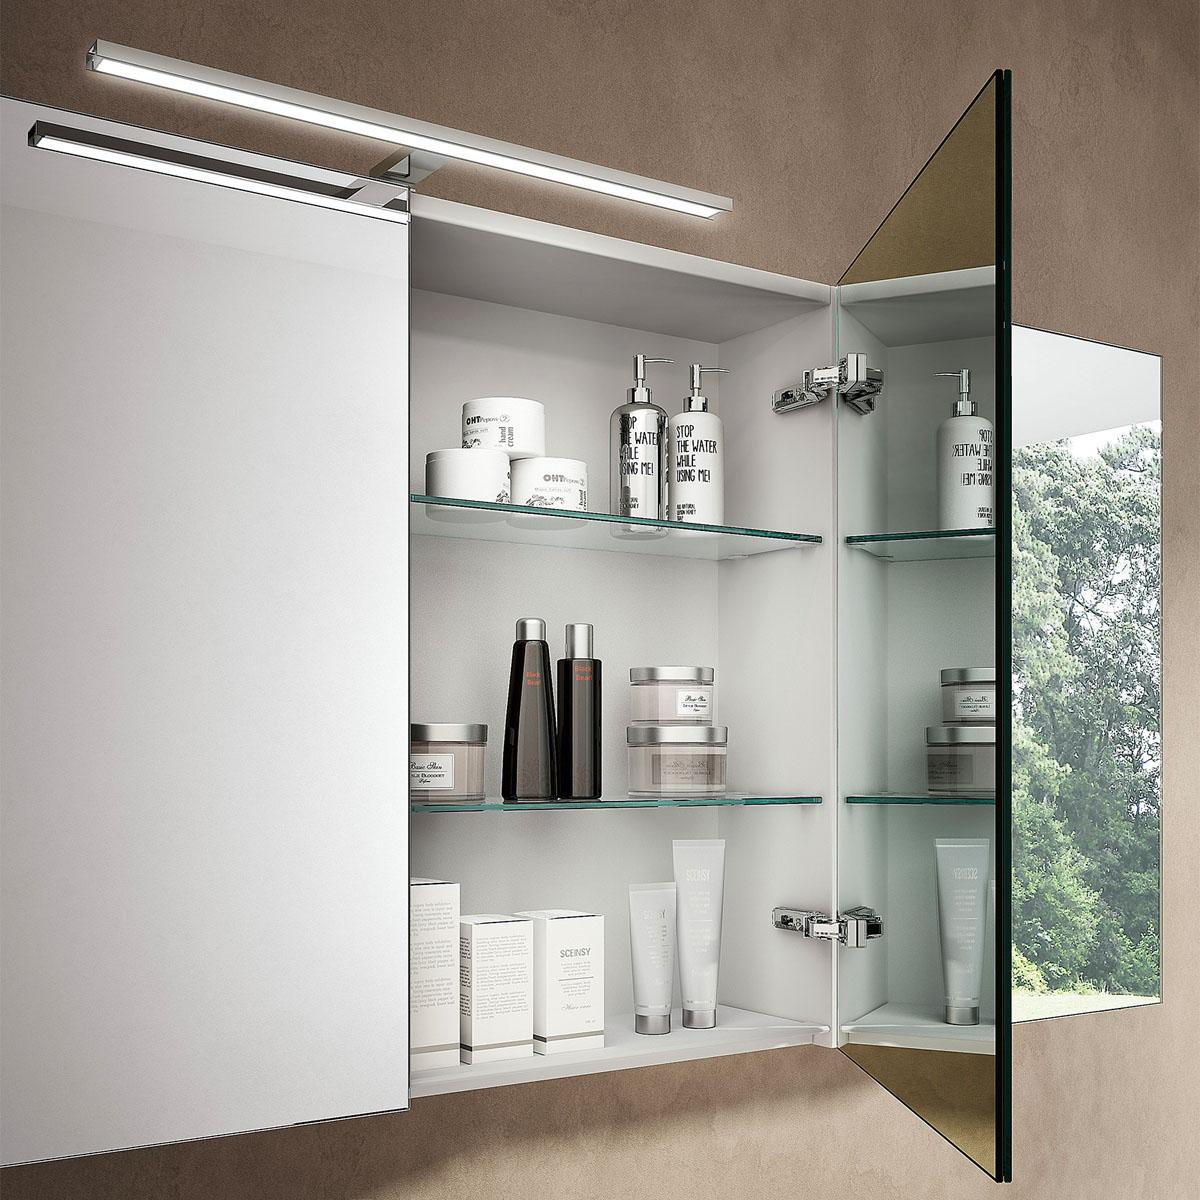 Pensile Specchio Contenitore Per Bagno.Come Scegliere Lo Specchio Per Il Bagno Ideagroup Blog